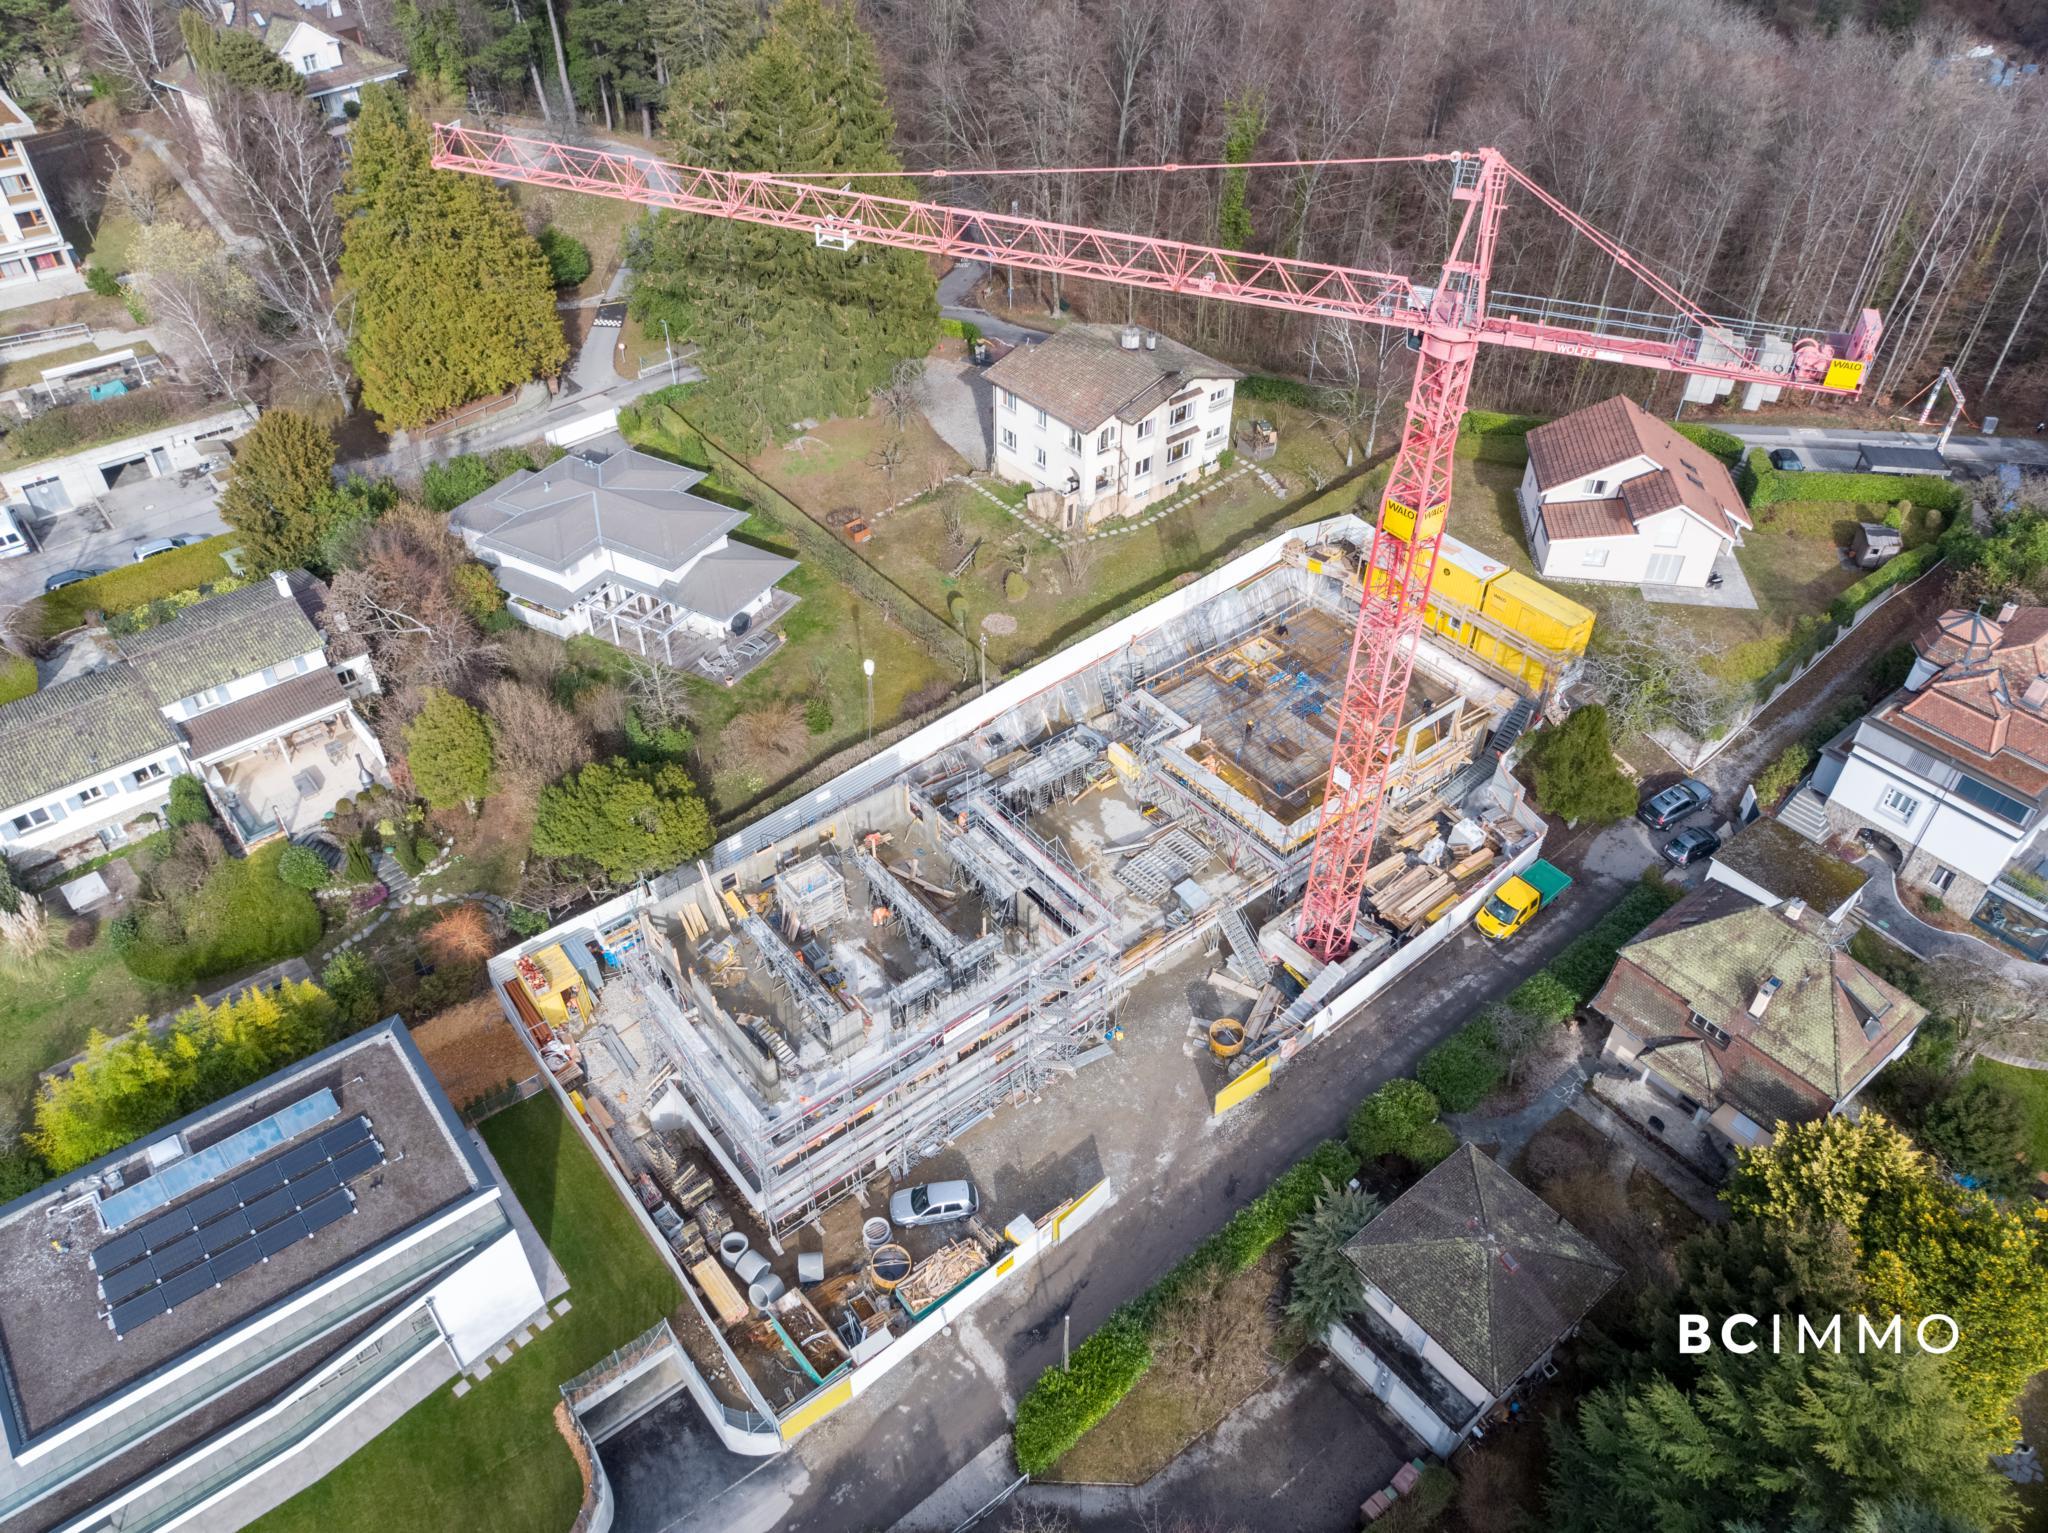 BC Immo - Magnifique appartement duplex en attique avec ascenseur privatif - 1009A3VIDA